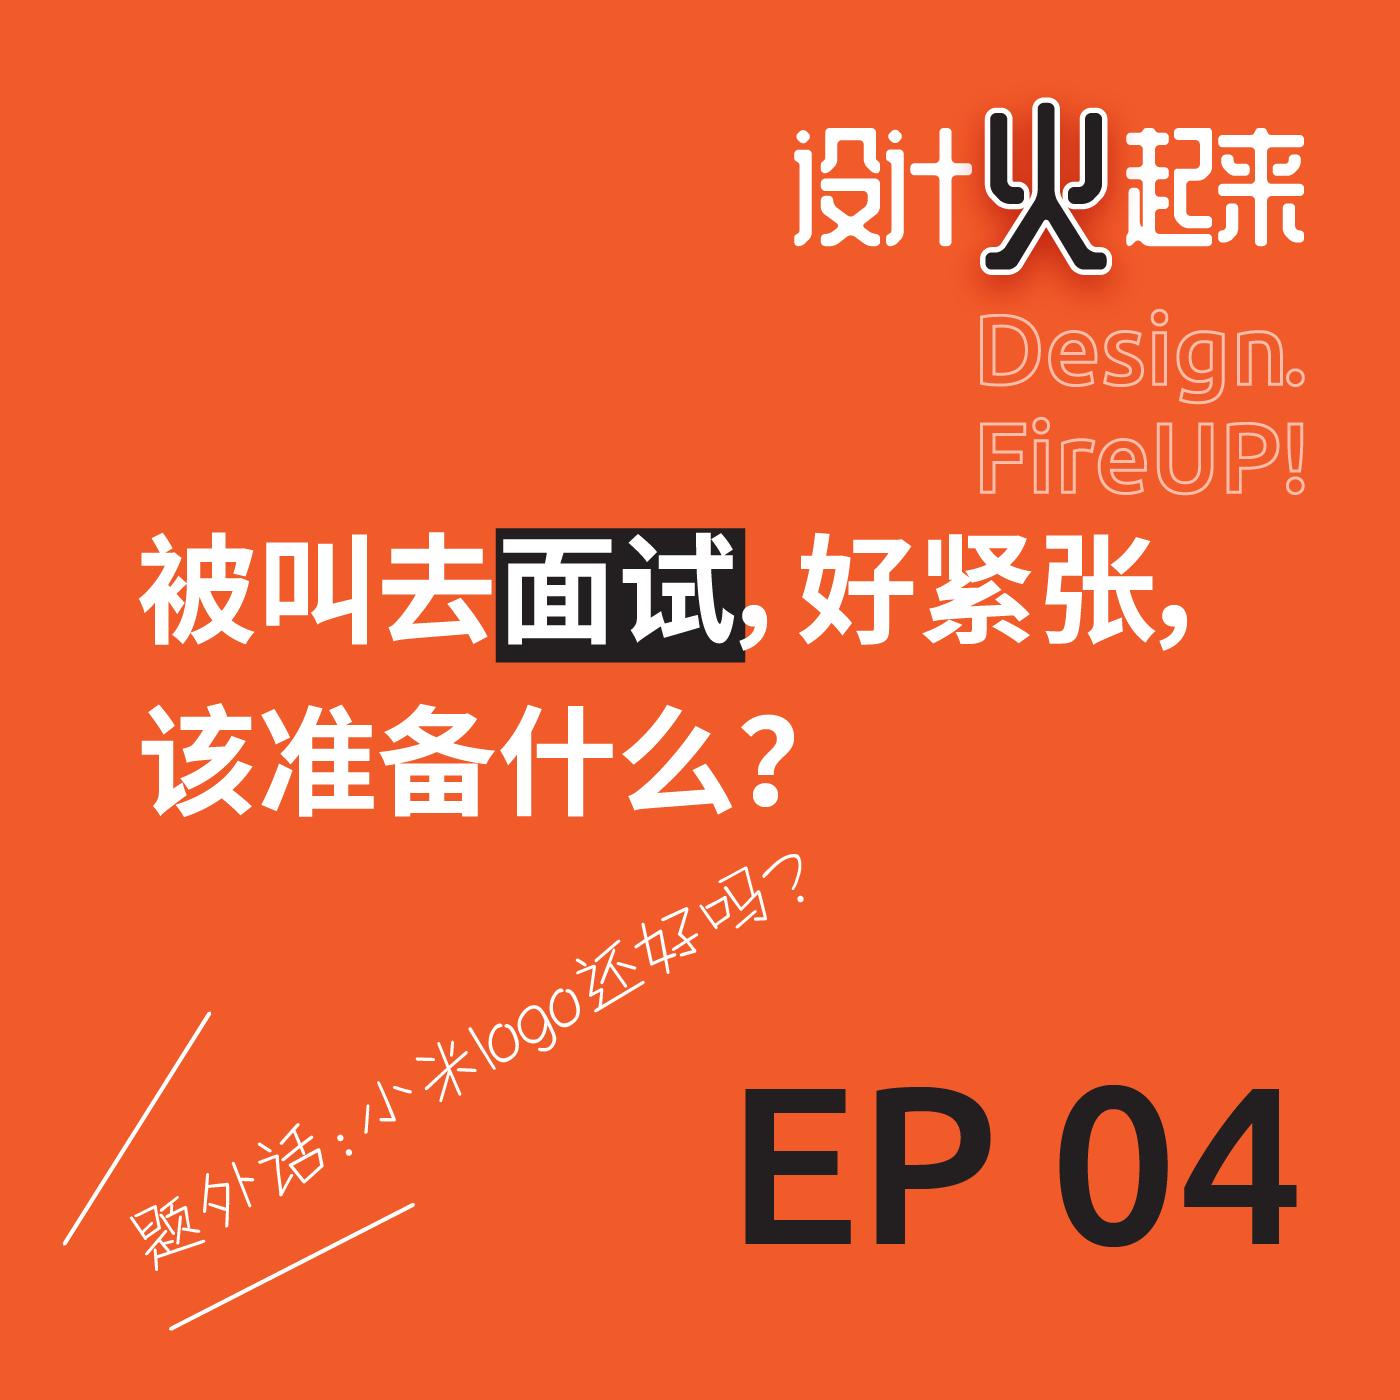 EP04 | 怎么准备面试?题外话:小米Logo还好吗?